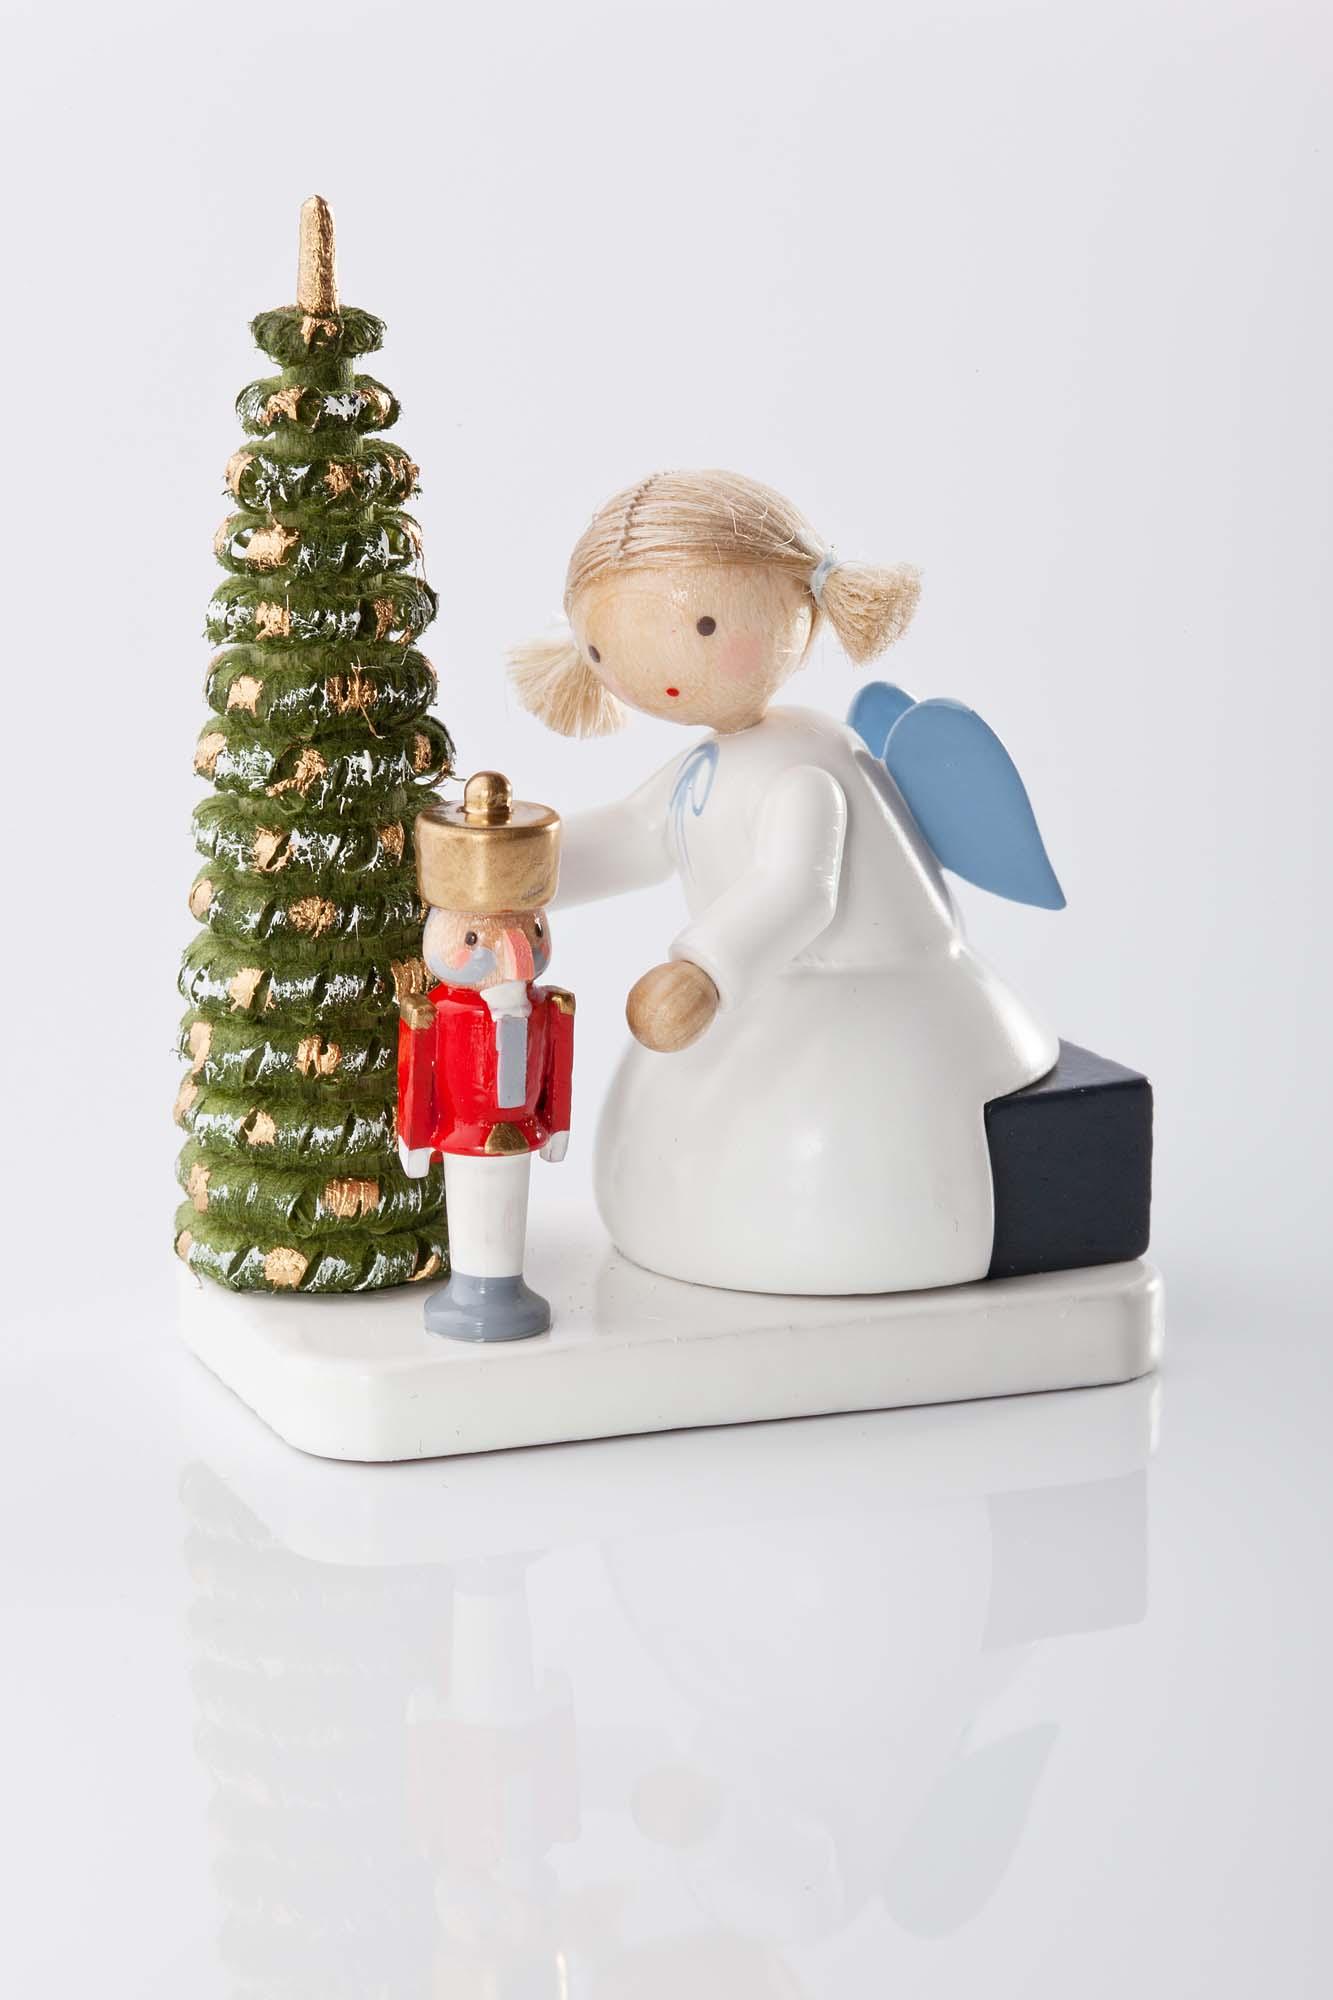 Engel mit Nussknacker am Weihnachtsbaum 6112